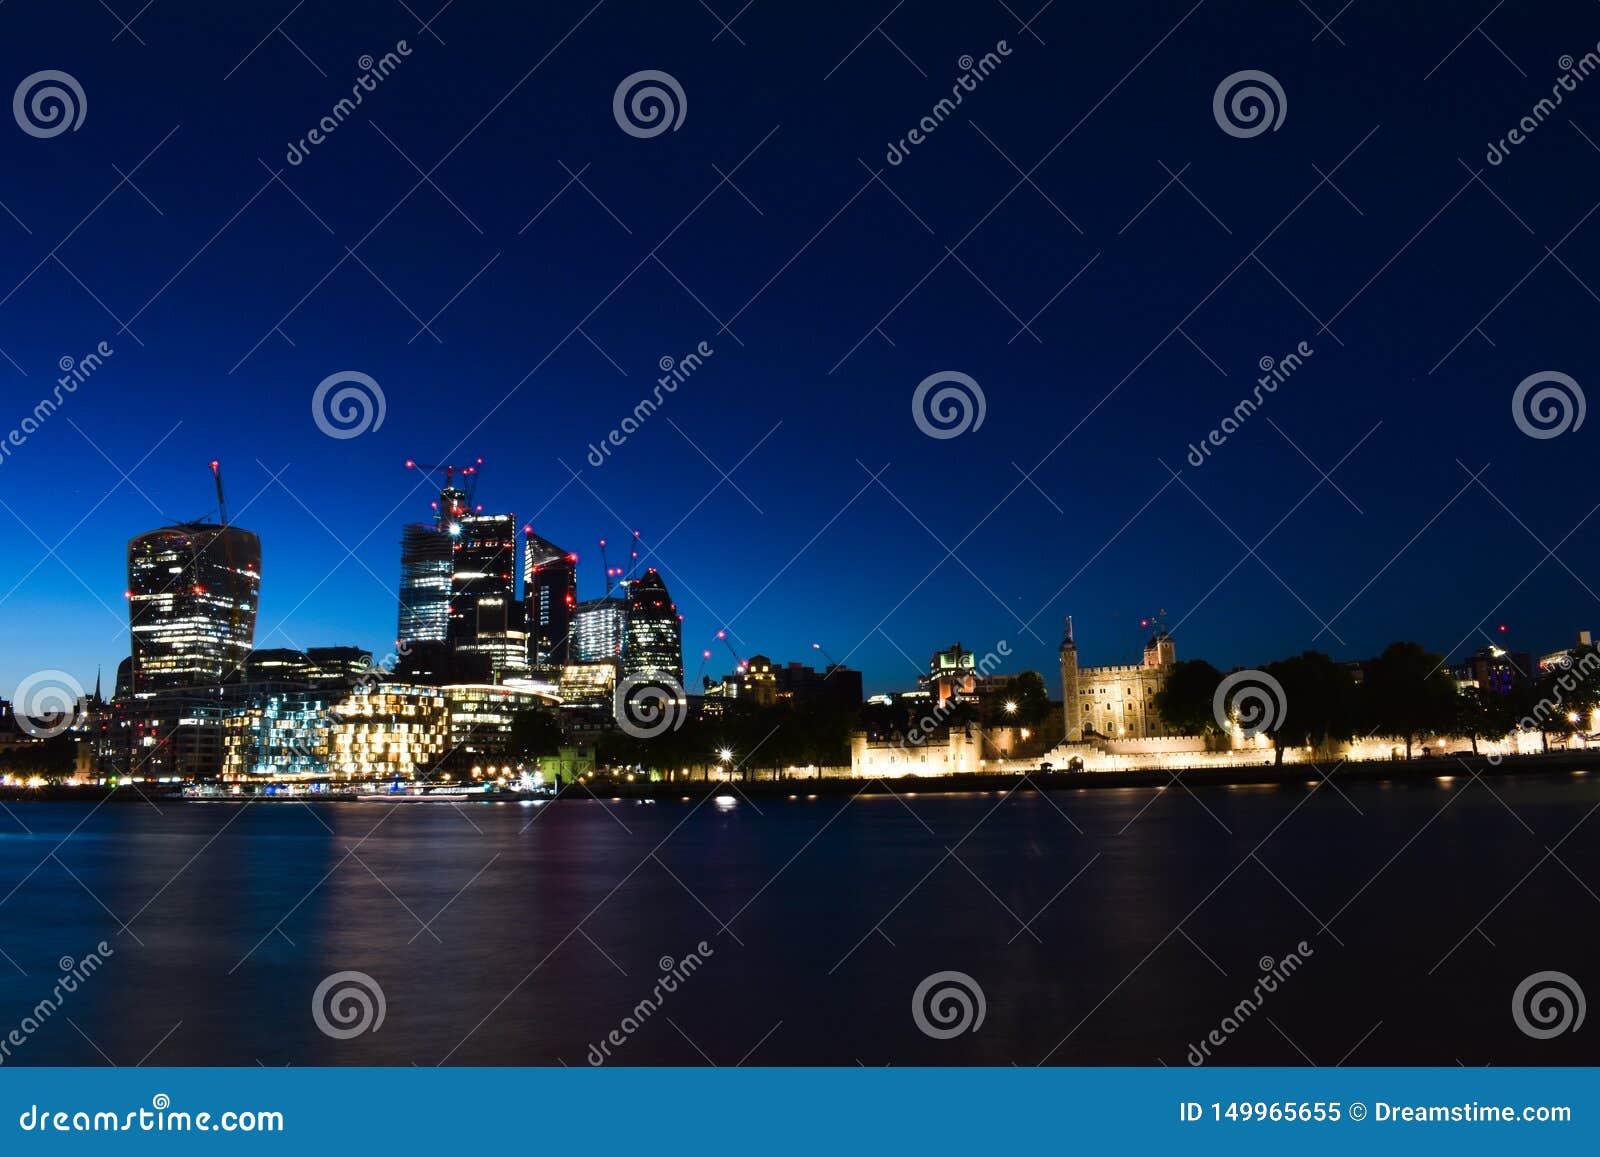 Панорамный взгляд горизонта банка и канереечного причала, районов центрального Лондона ведущих финансовых с известными небоскреба